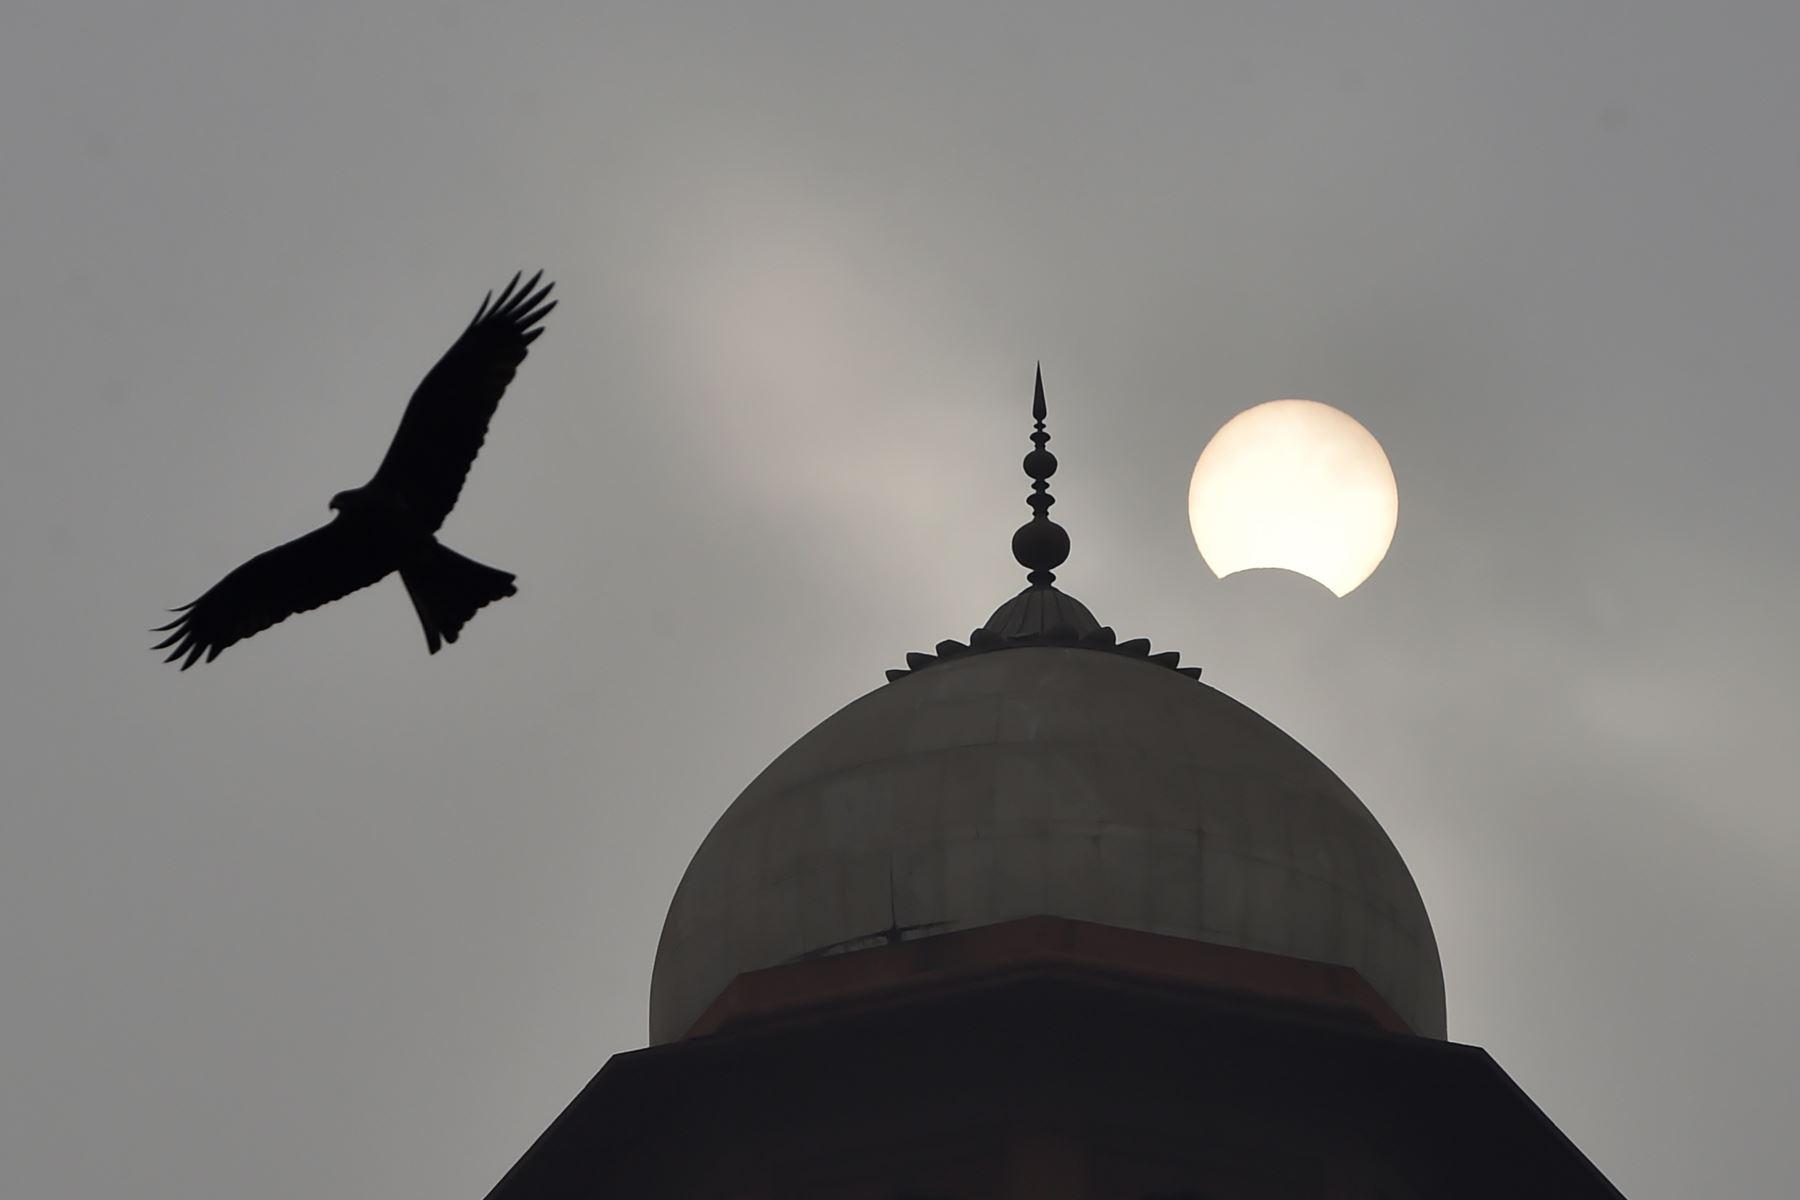 """La luna comienza a cubrir el sol durante un eclipse solar de """"anillo de fuego"""", mientras un águila pasa volando, en la mezquita Badshahi en Lahore el 26 de diciembre de 2019. Foto: AFP"""